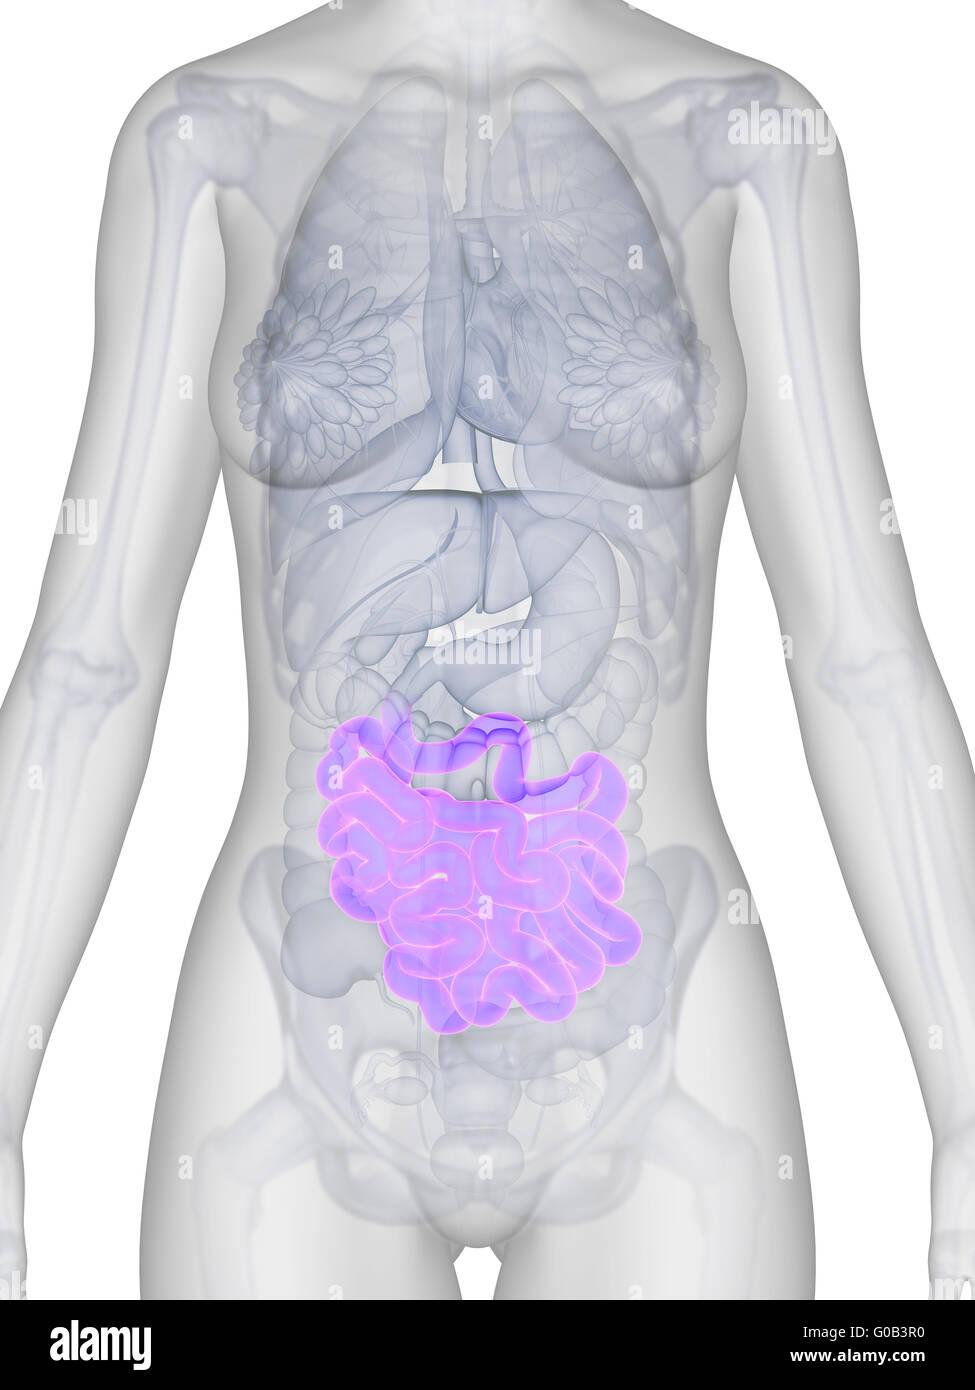 3D gerenderte Darstellung der weiblichen Anatomie - Darm Stockfoto ...